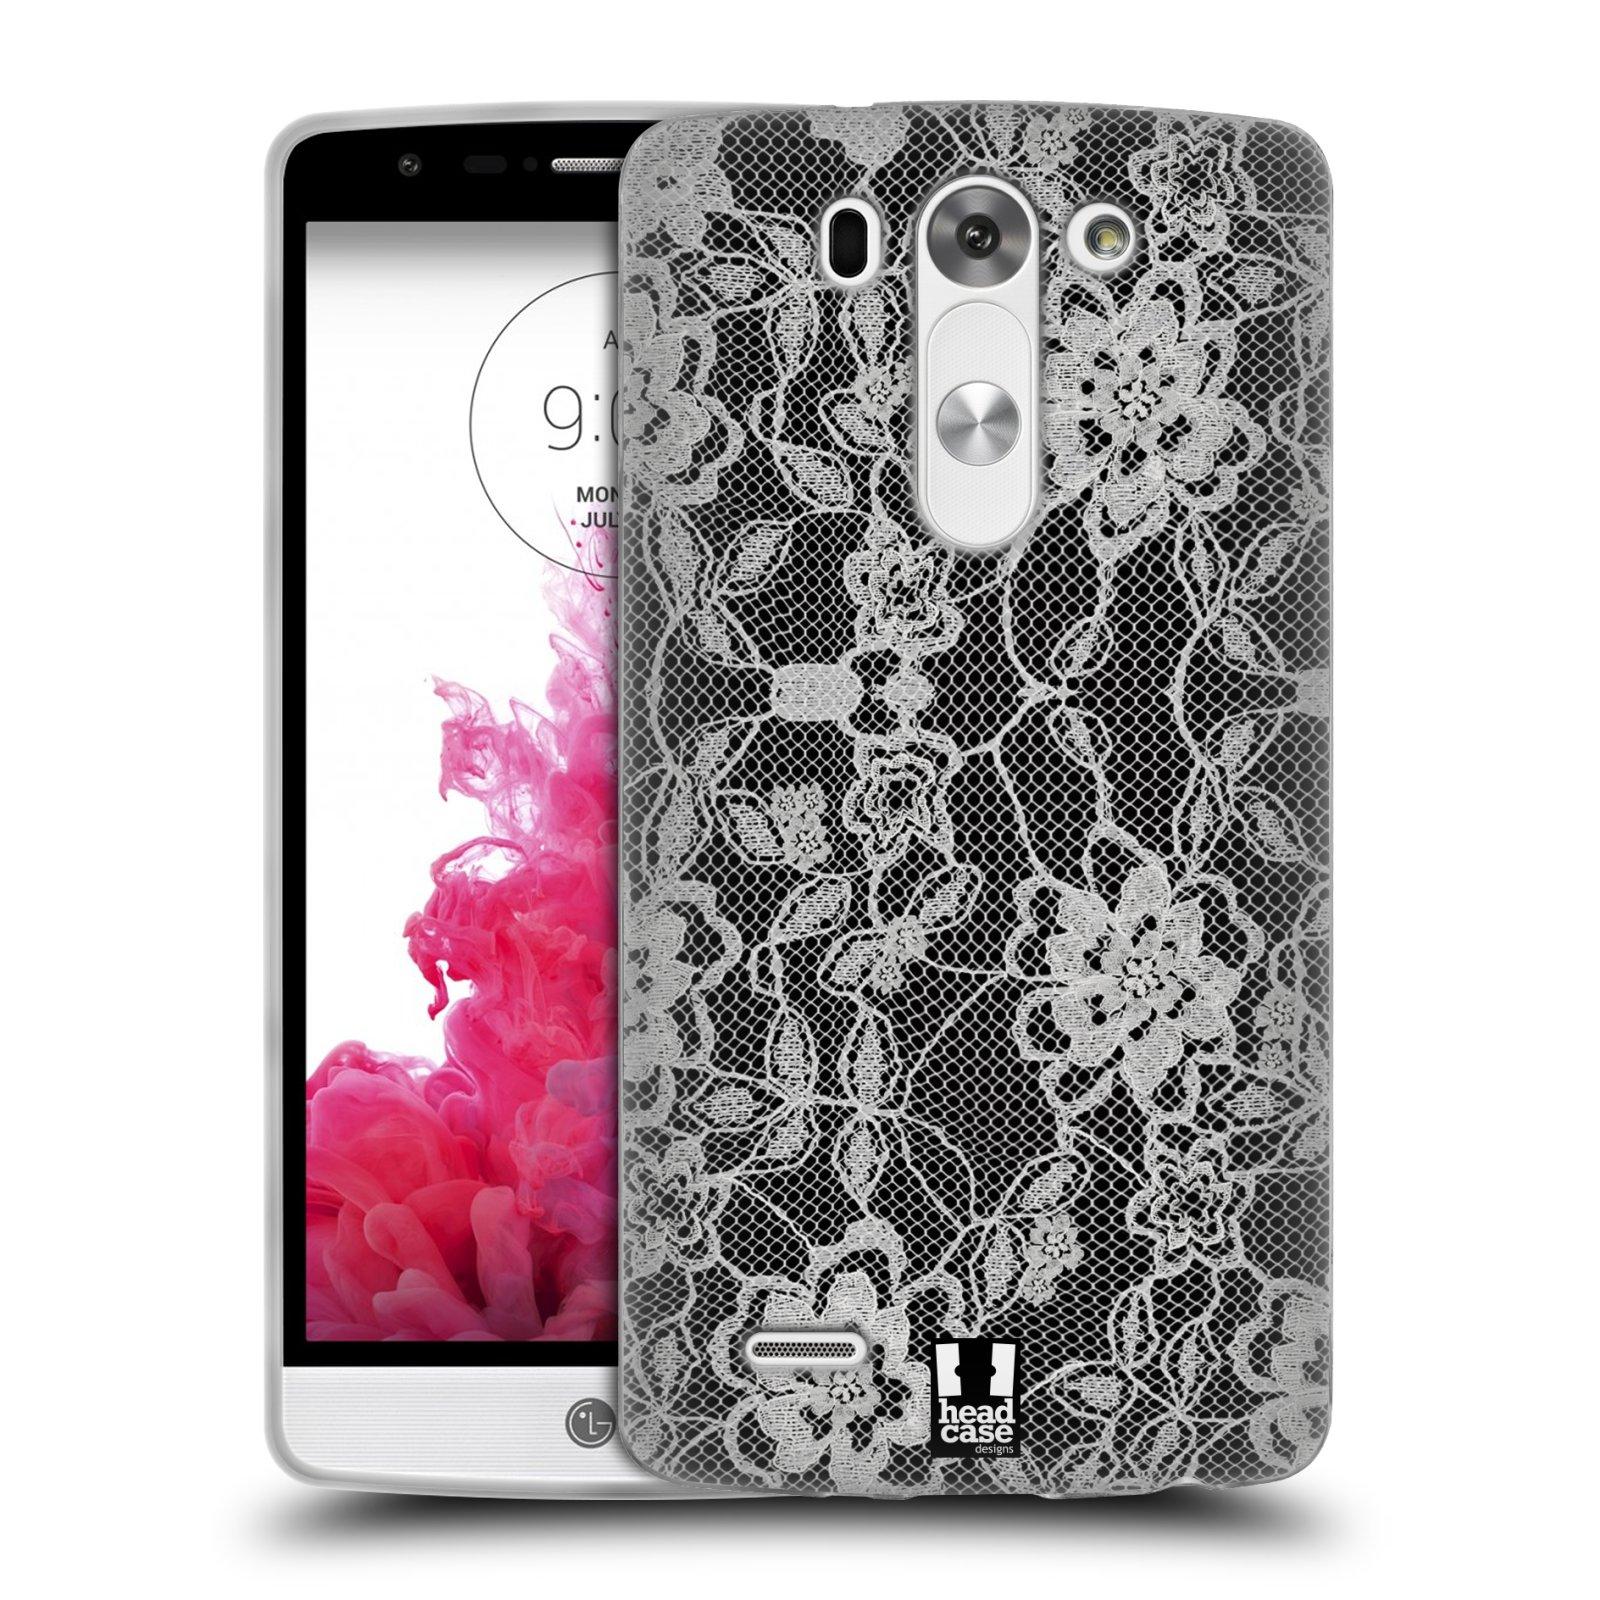 Silikonové pouzdro na mobil LG G3s HEAD CASE FLOWERY KRAJKA (Silikonový kryt či obal na mobilní telefon LG G3s)